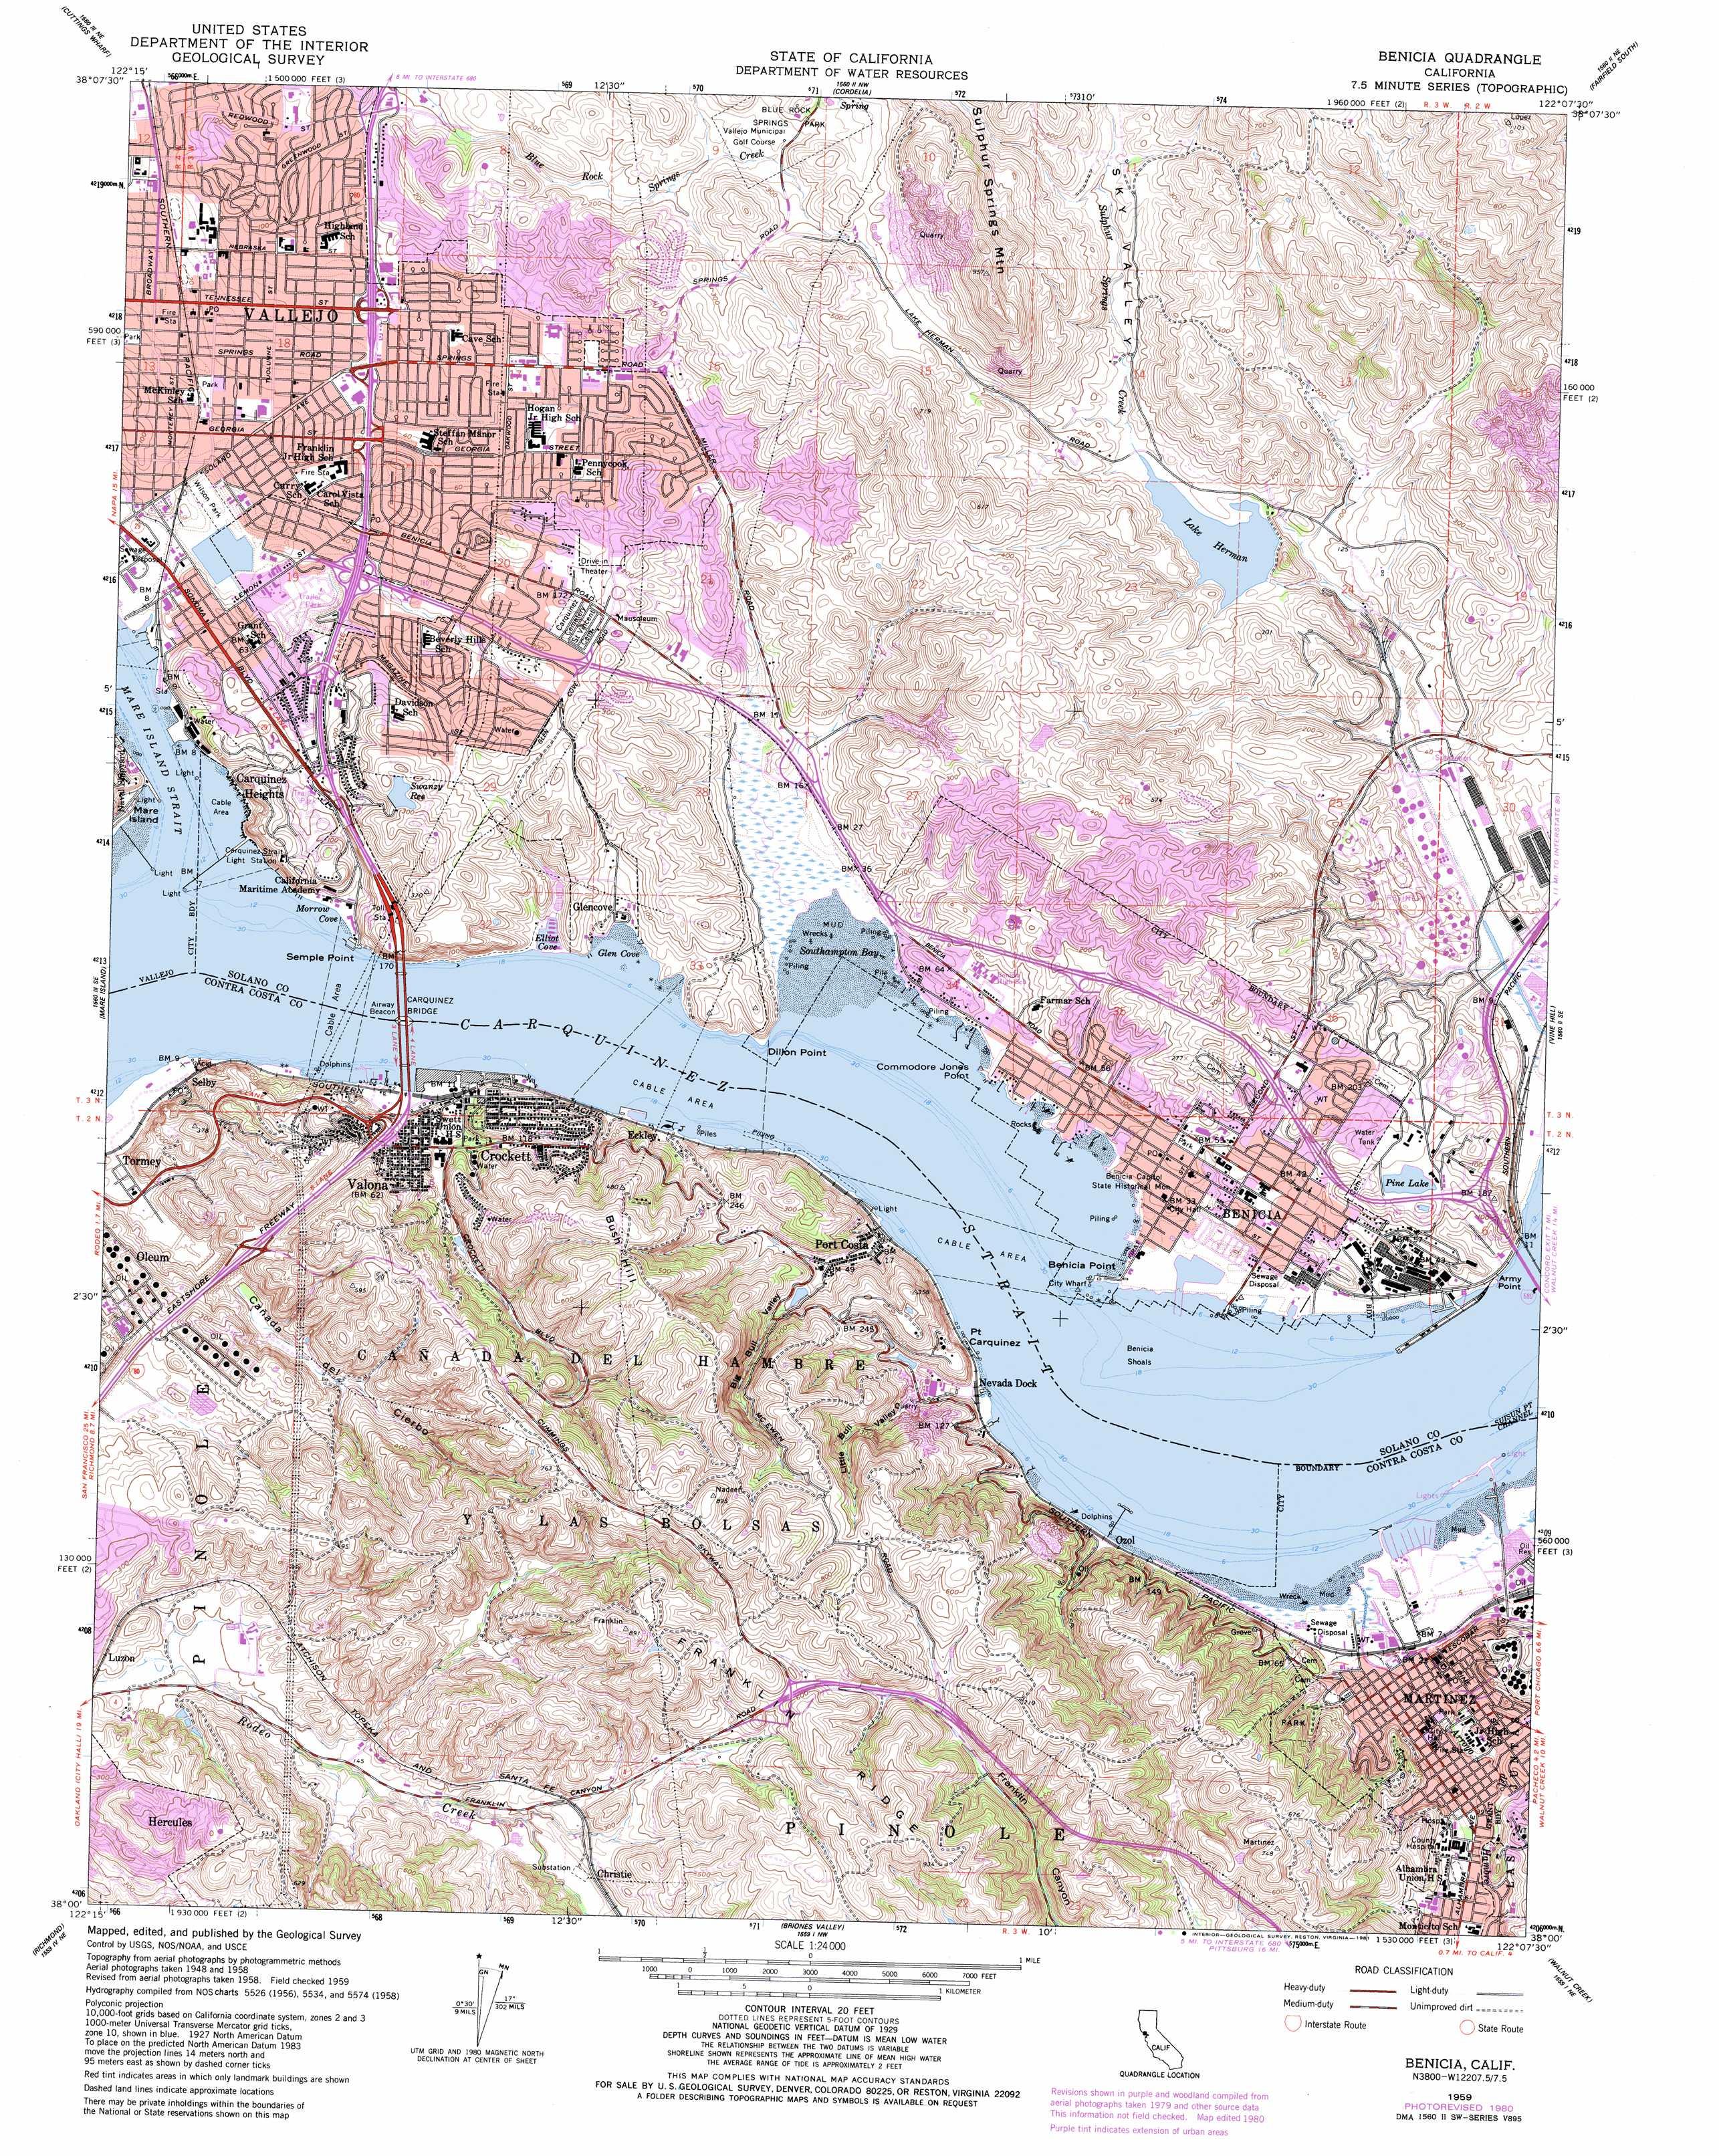 Benicia topographic map, CA - USGS Topo Quad 38122a2